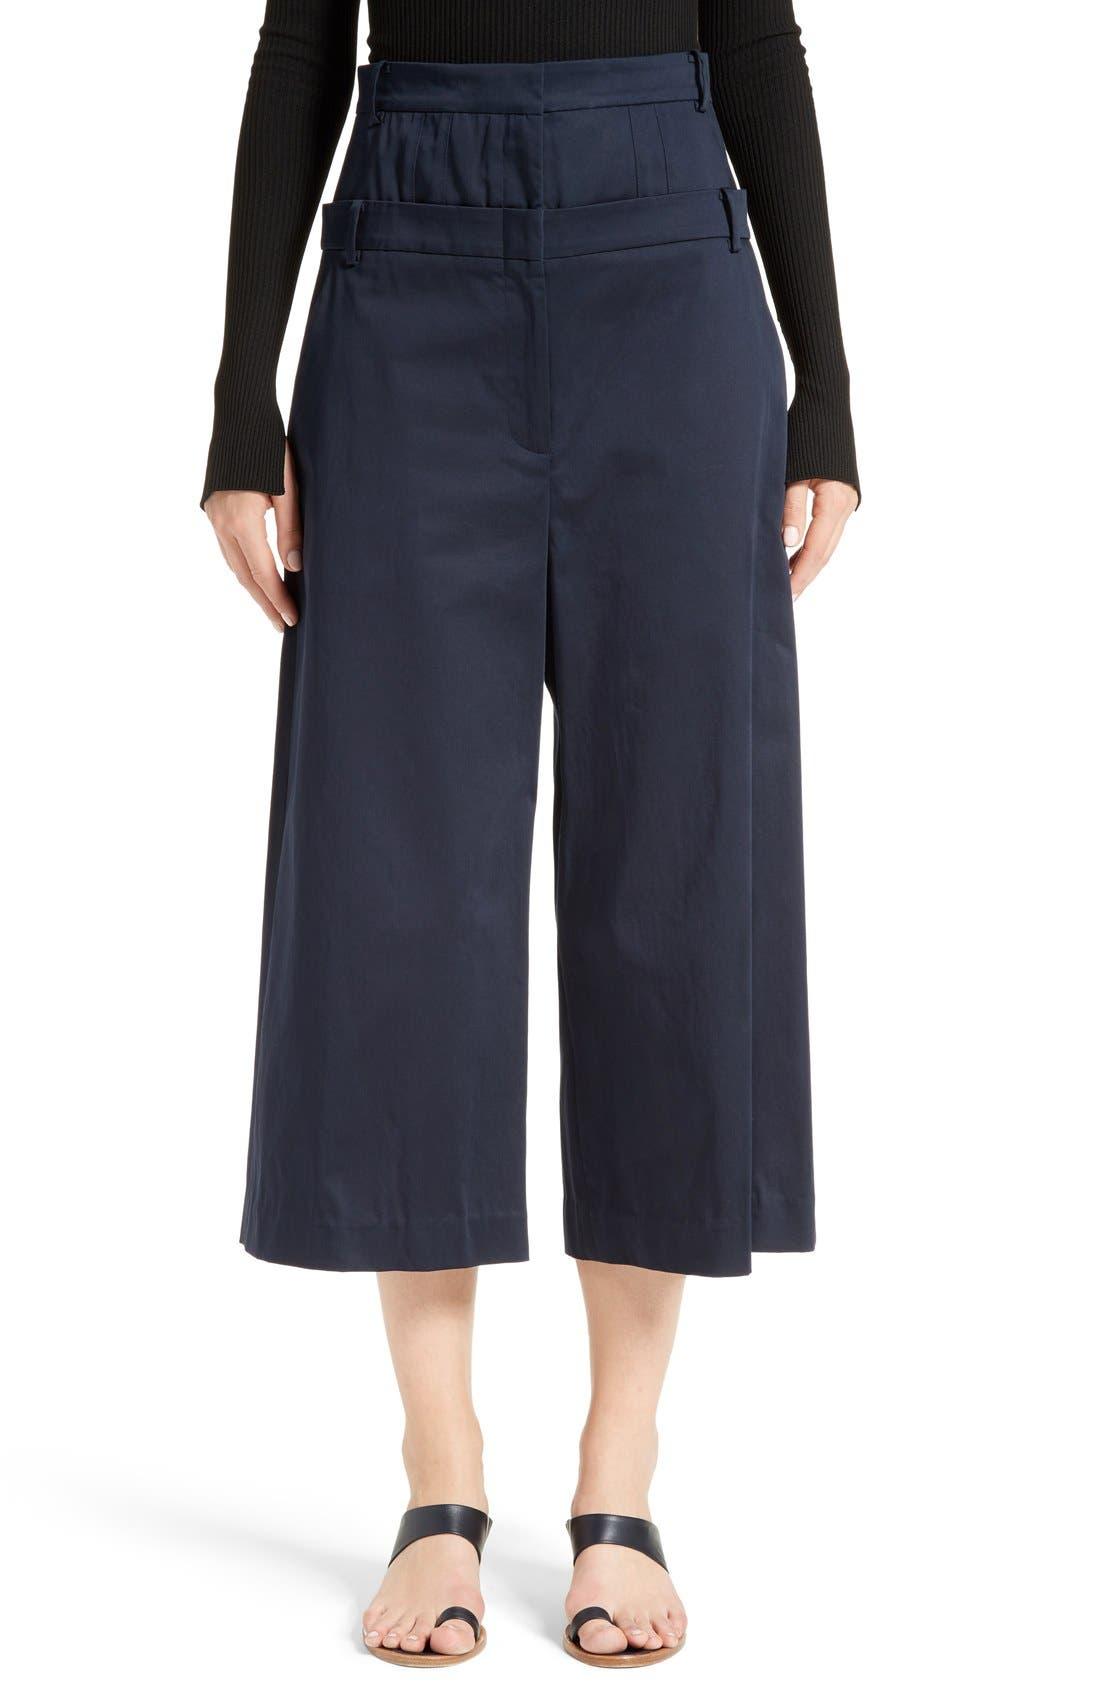 Alternate Image 1 Selected - Tibi Mila Satin Double Waist Crop Pants